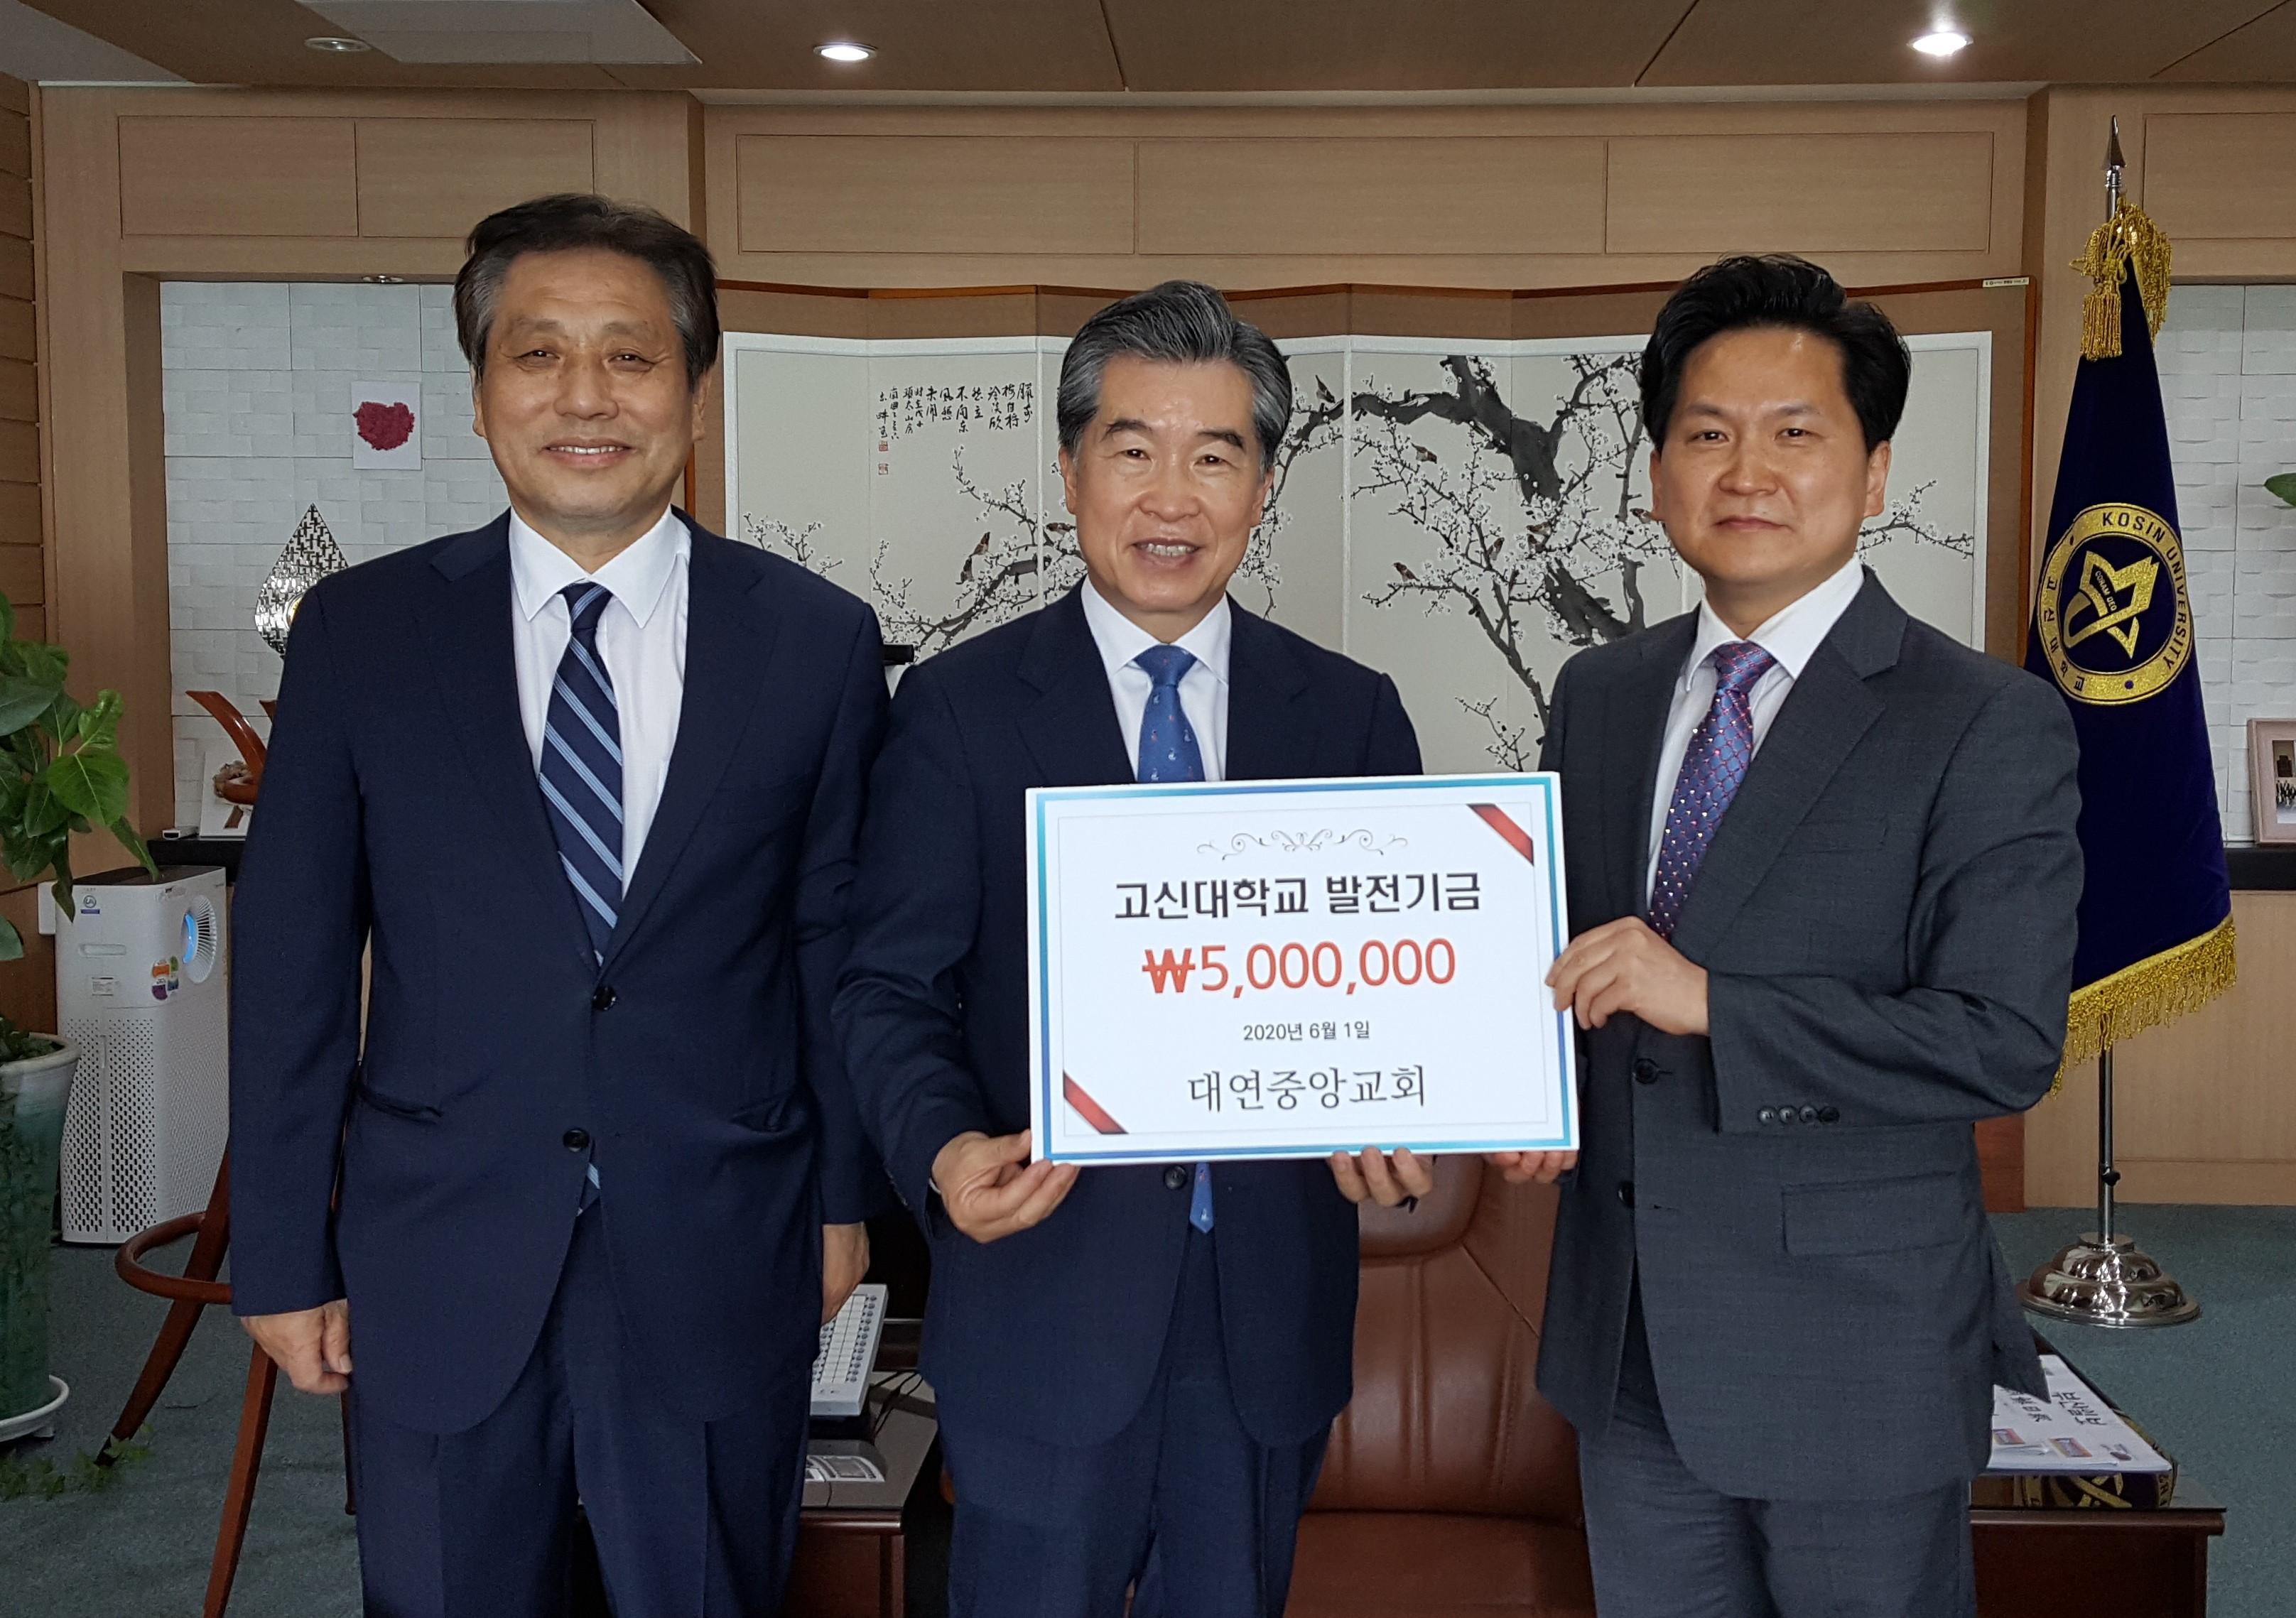 20200601_대연중앙교회, 고신대학교에 발전기금 5백만 원 전달.jpg